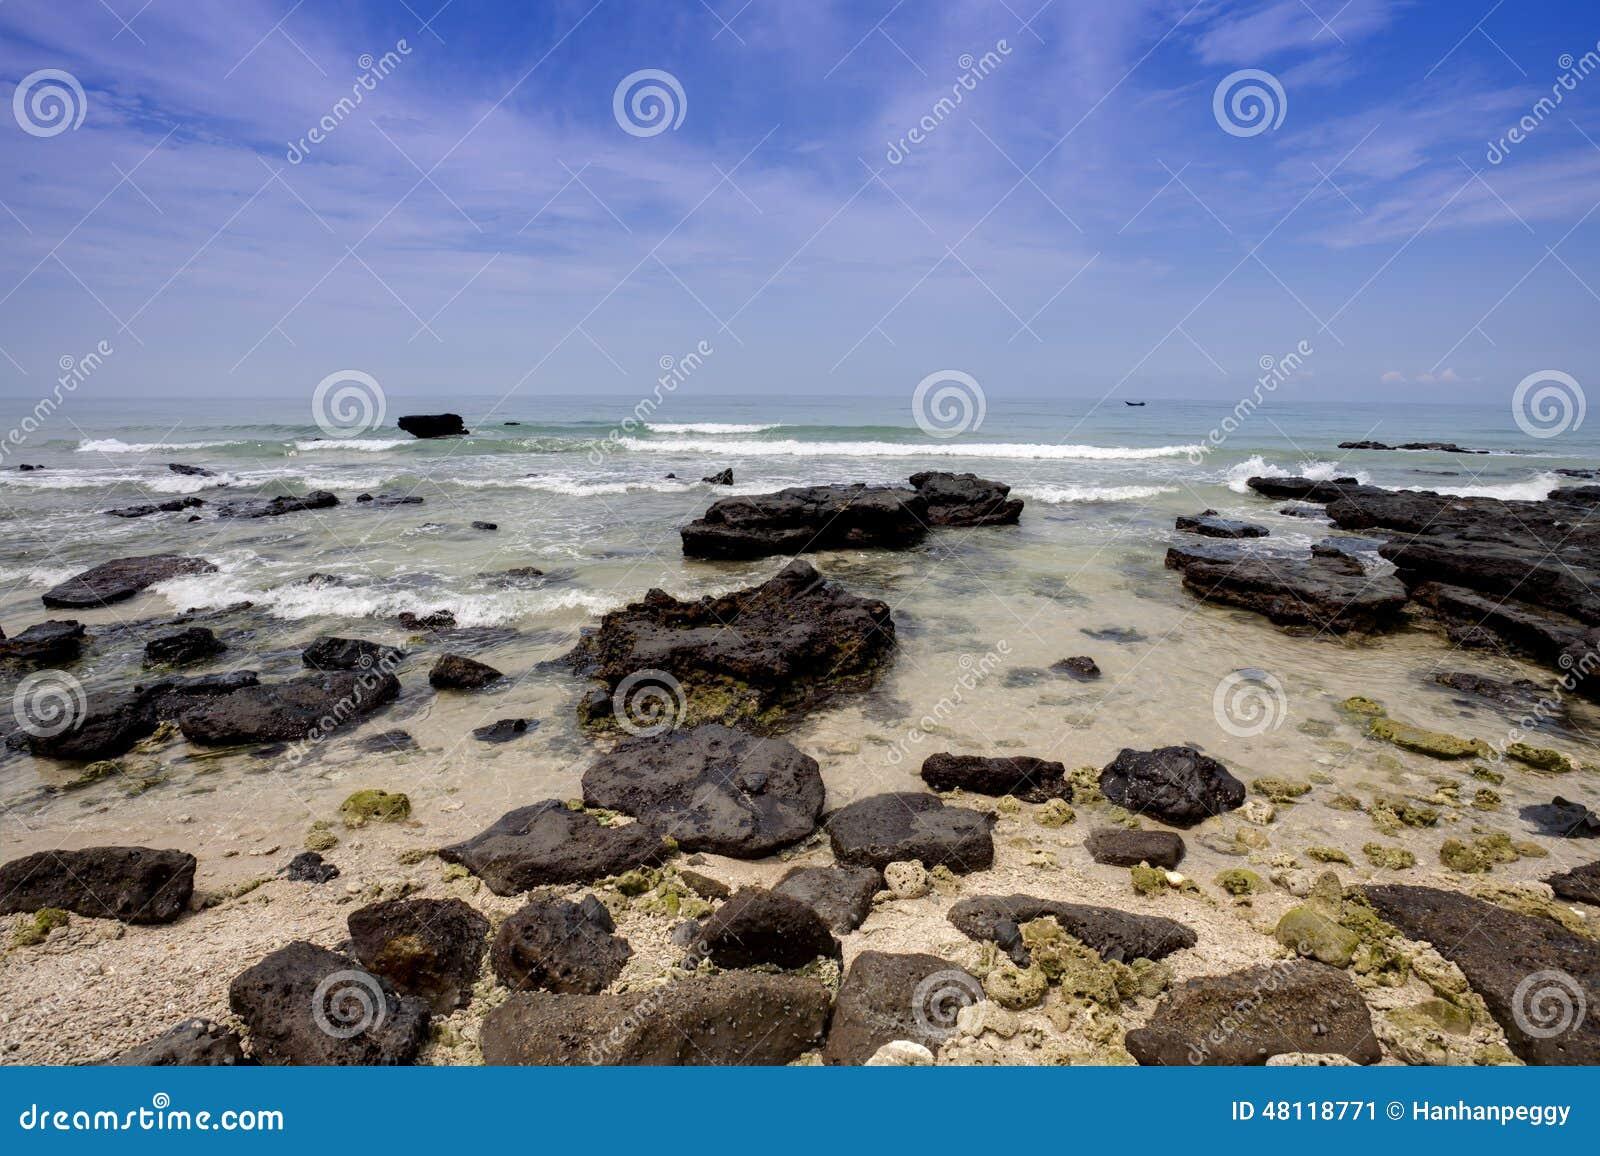 Felsen, Meer und blauer Himmel